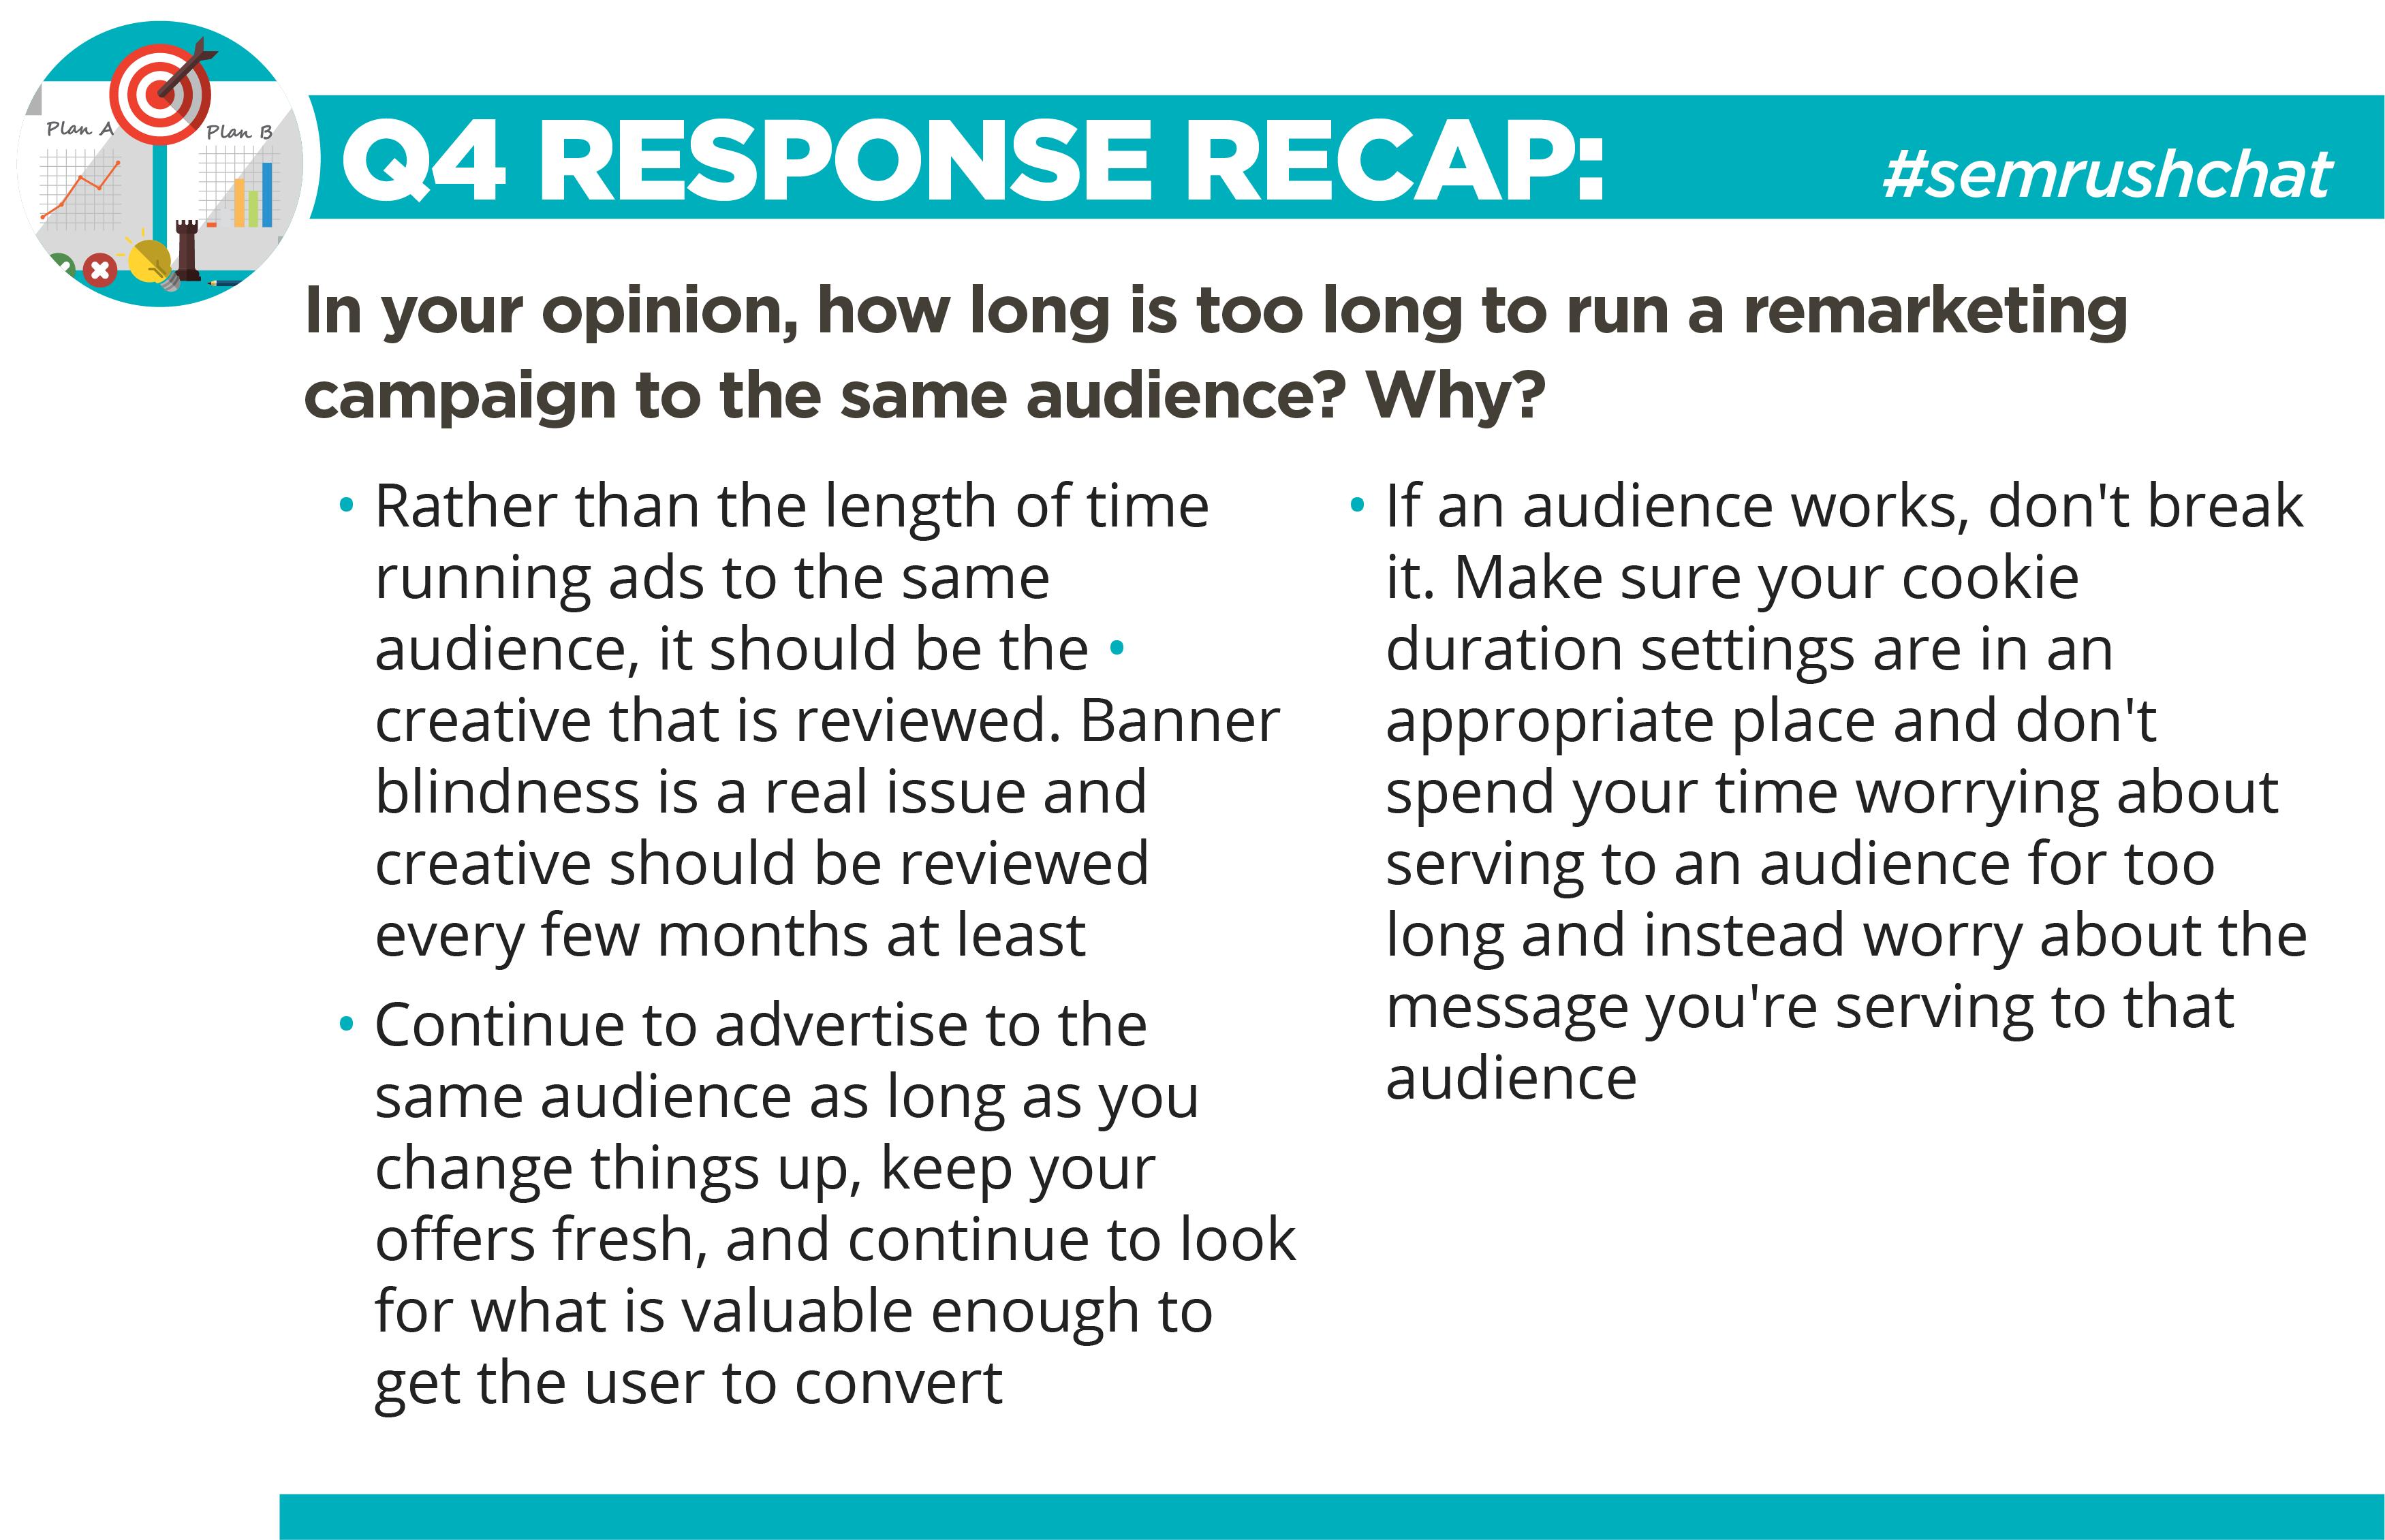 chat-recap-q4-response.png